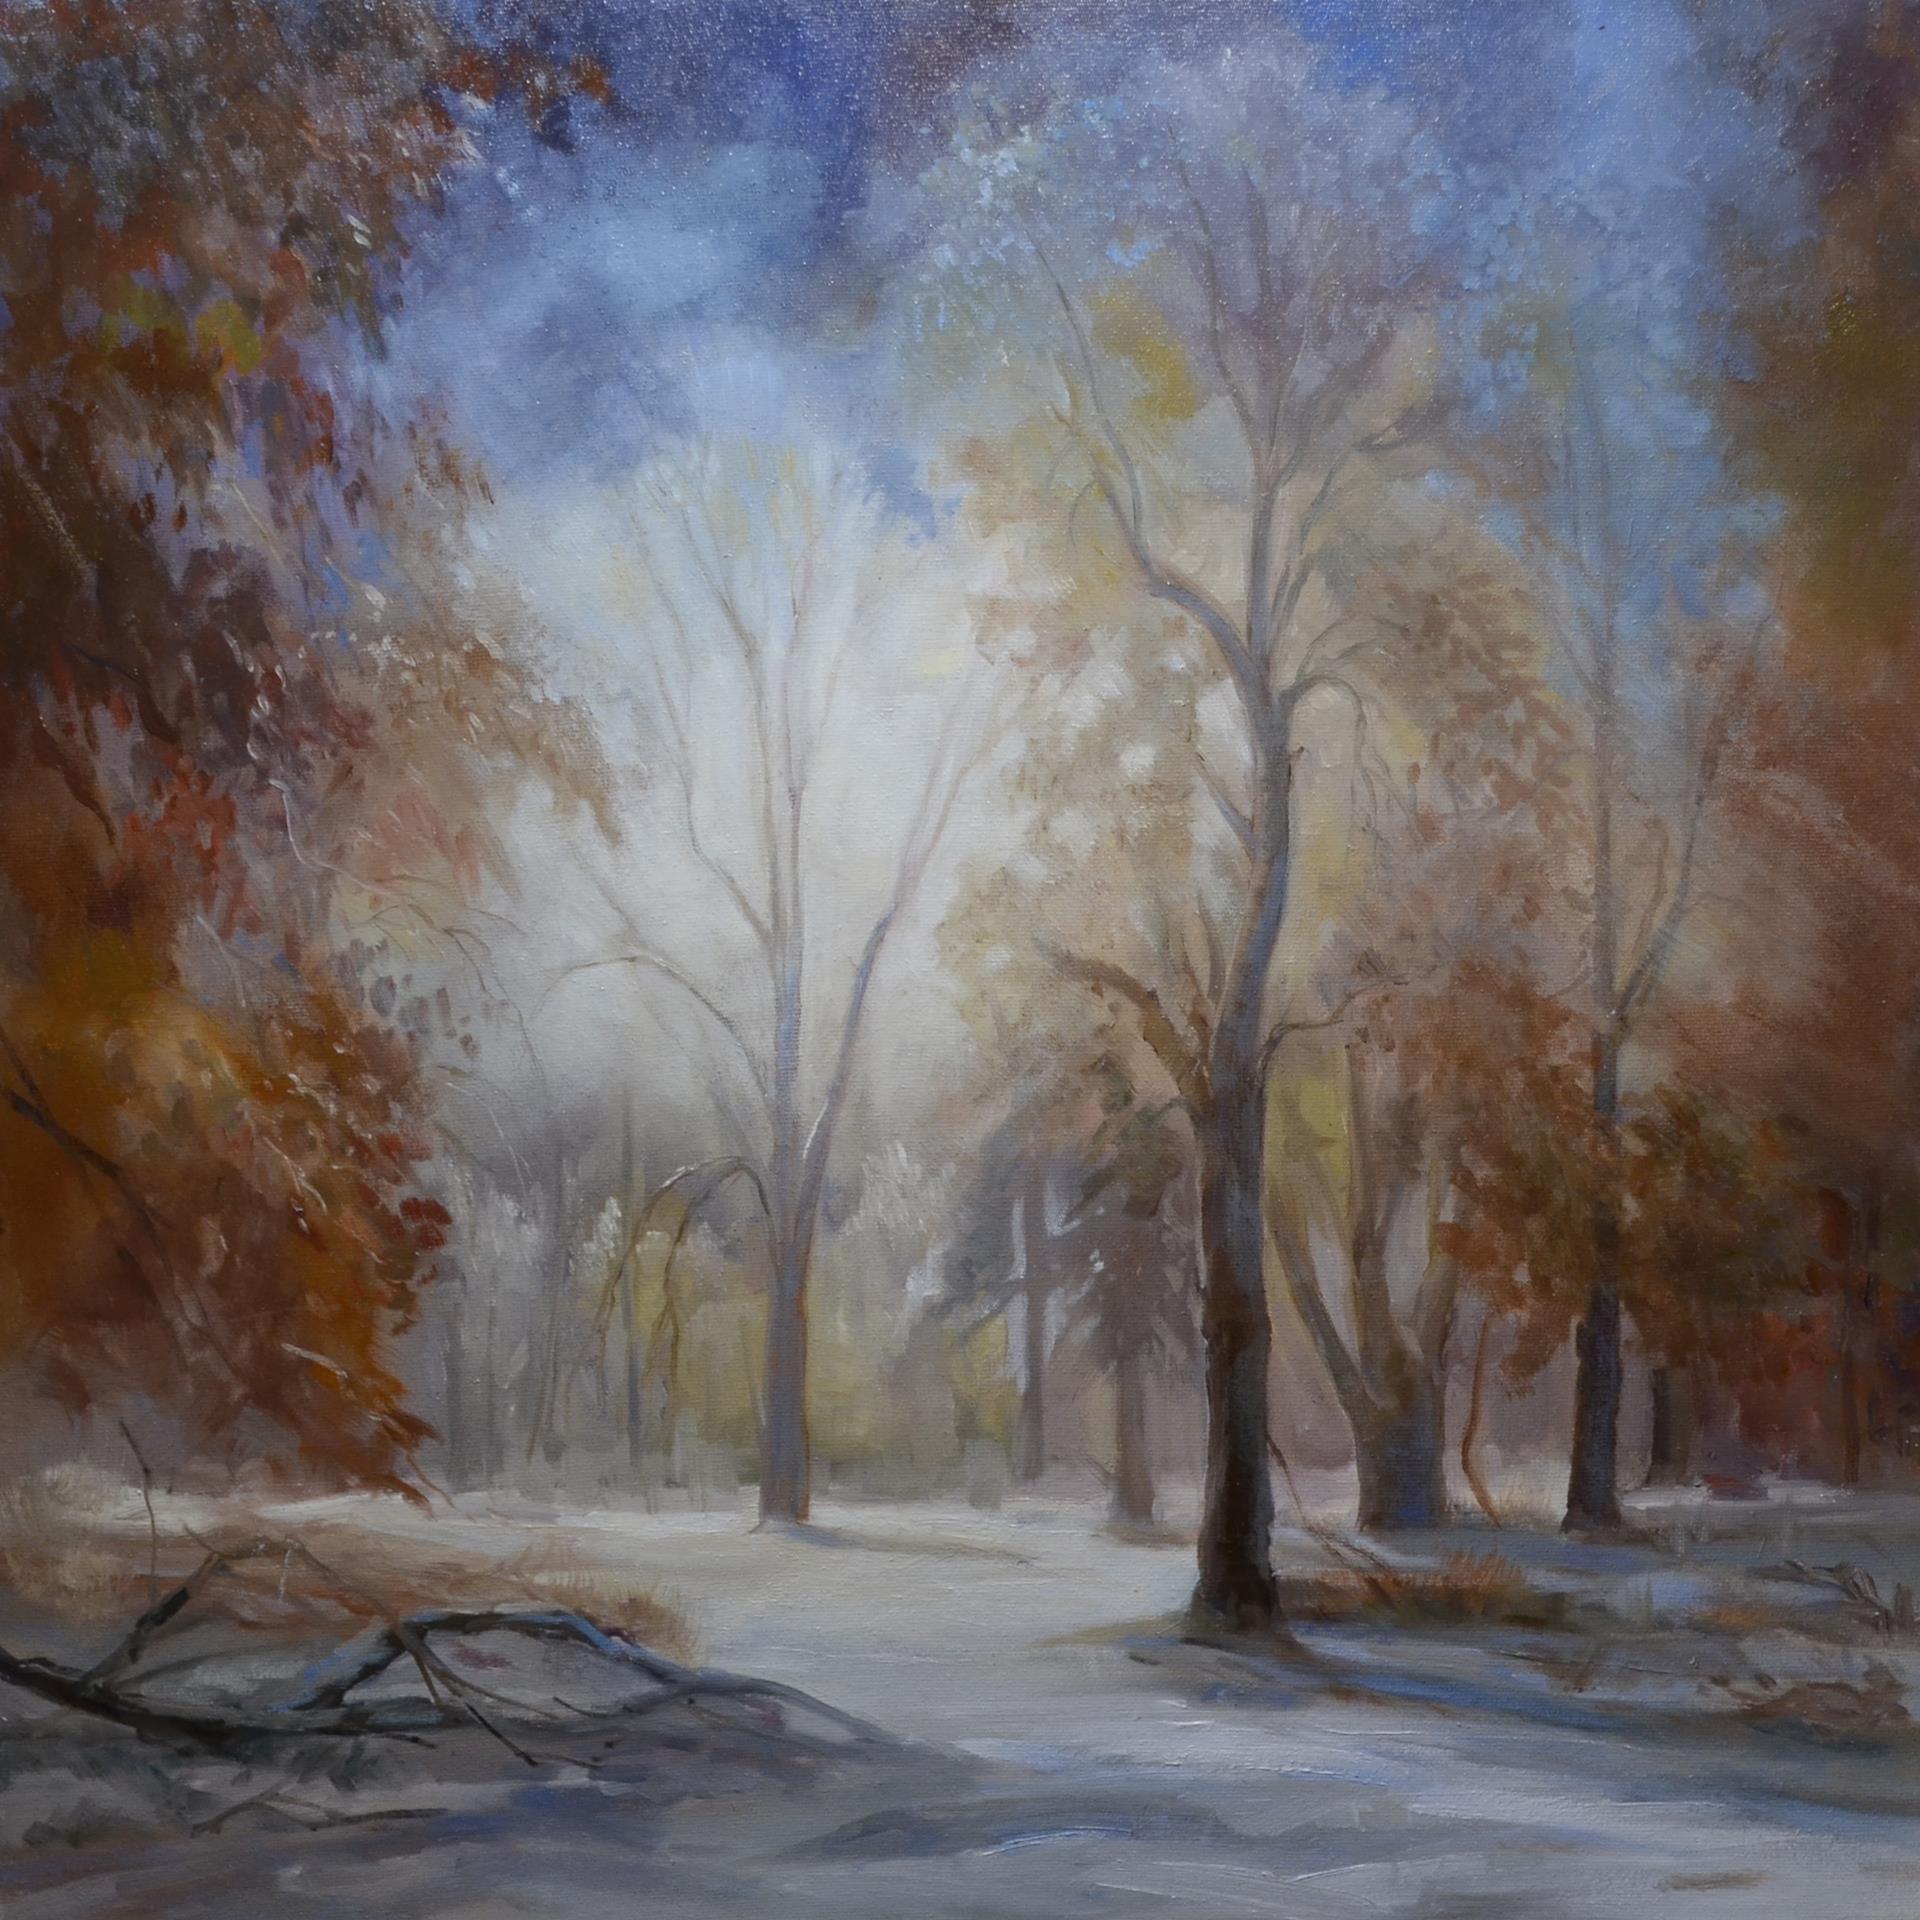 Yosemite Awakening, Karen Winters